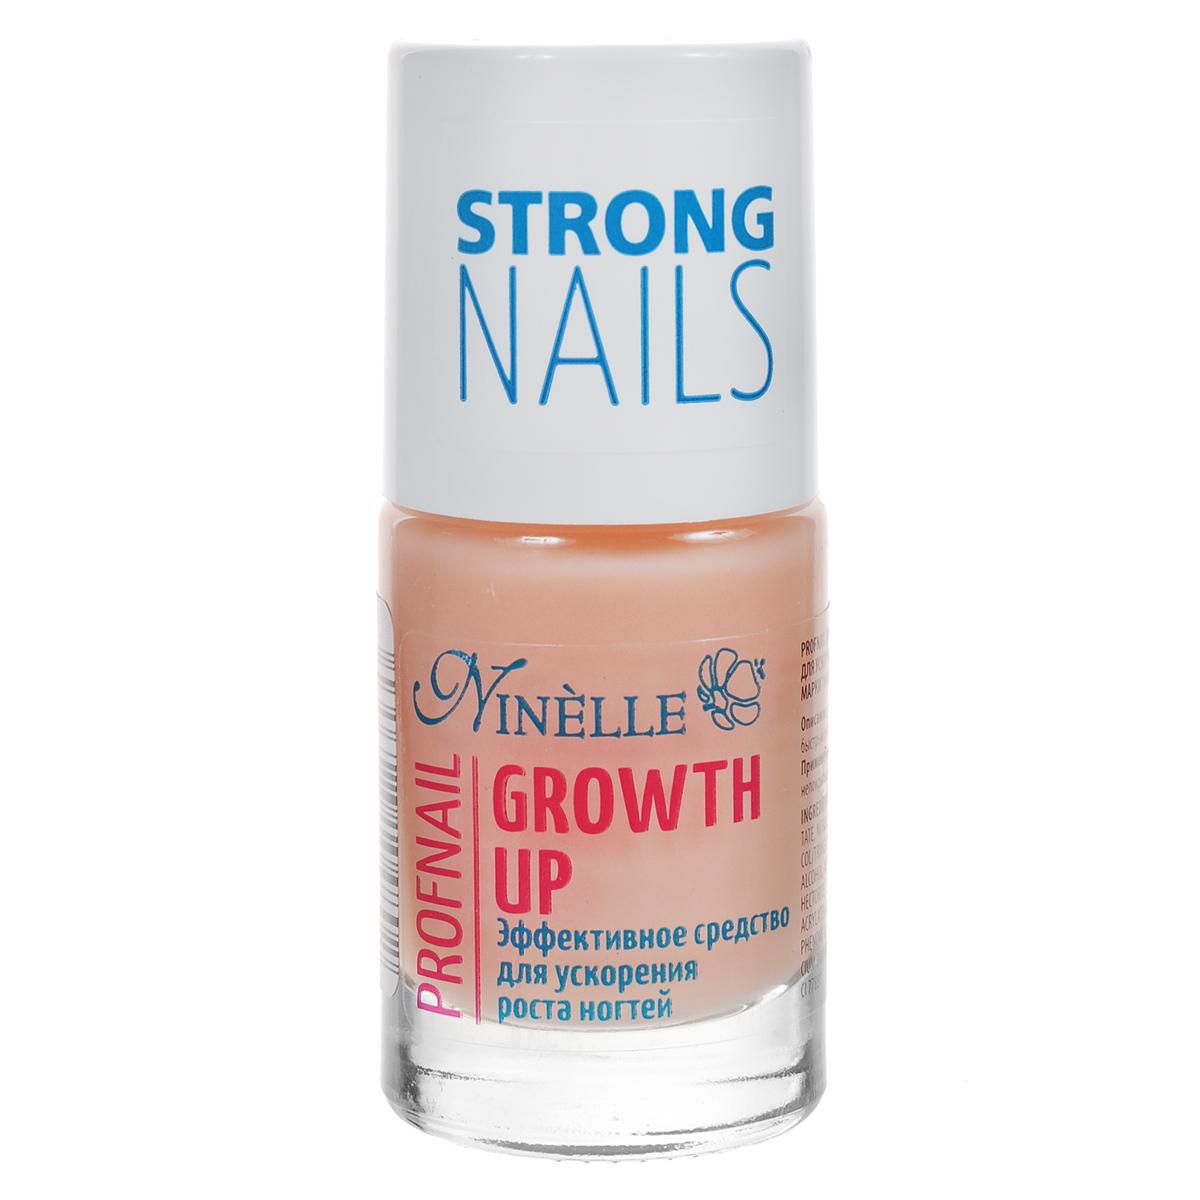 Ninelle Эффективное средство Growth Up для ускорения роста ногтей, 11 мл771N10480Эффективное средство по уходу за хрупкими и расслаивающимися ногтями, способствующее усиленному росту ногтей. В состав питательного средства входят кальций и экстракт сладкого миндаля. Средство стимулирует рост ногтей и предназначено для ухода за хрупкими и расслаивающимися ногтями. Подходит для ежедневного применения. Данный препарат обеспечивает ногтям максимально быстрый рост в течение 2-х недель.Товар сертифицирован.